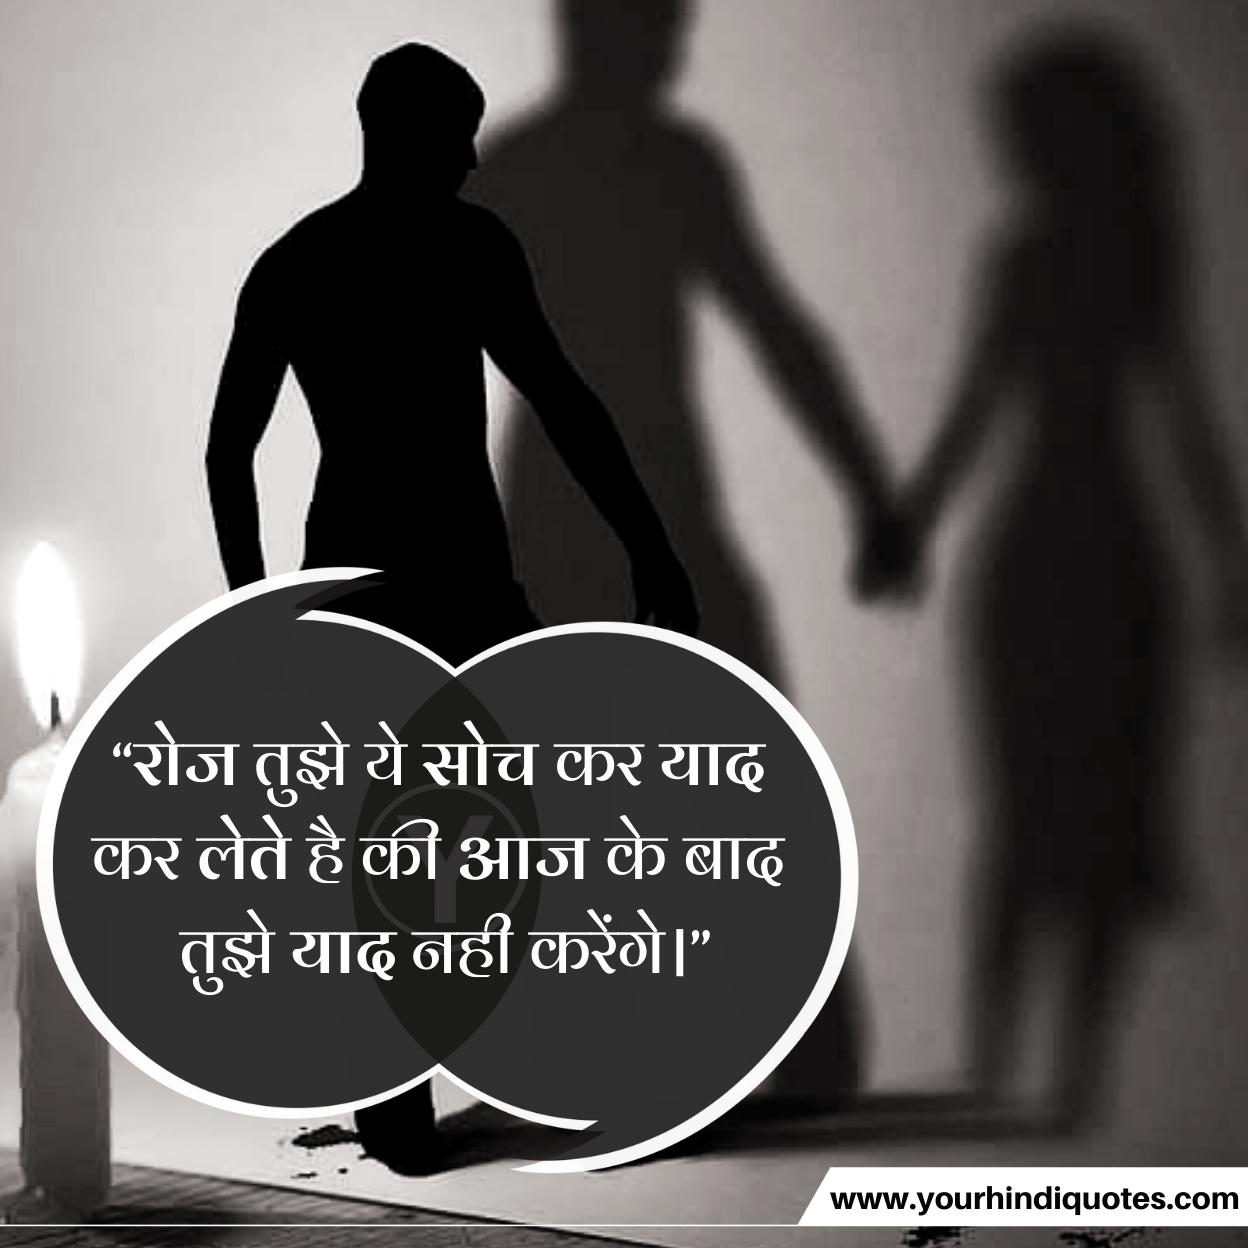 Hindi Sad Quote wallpaper